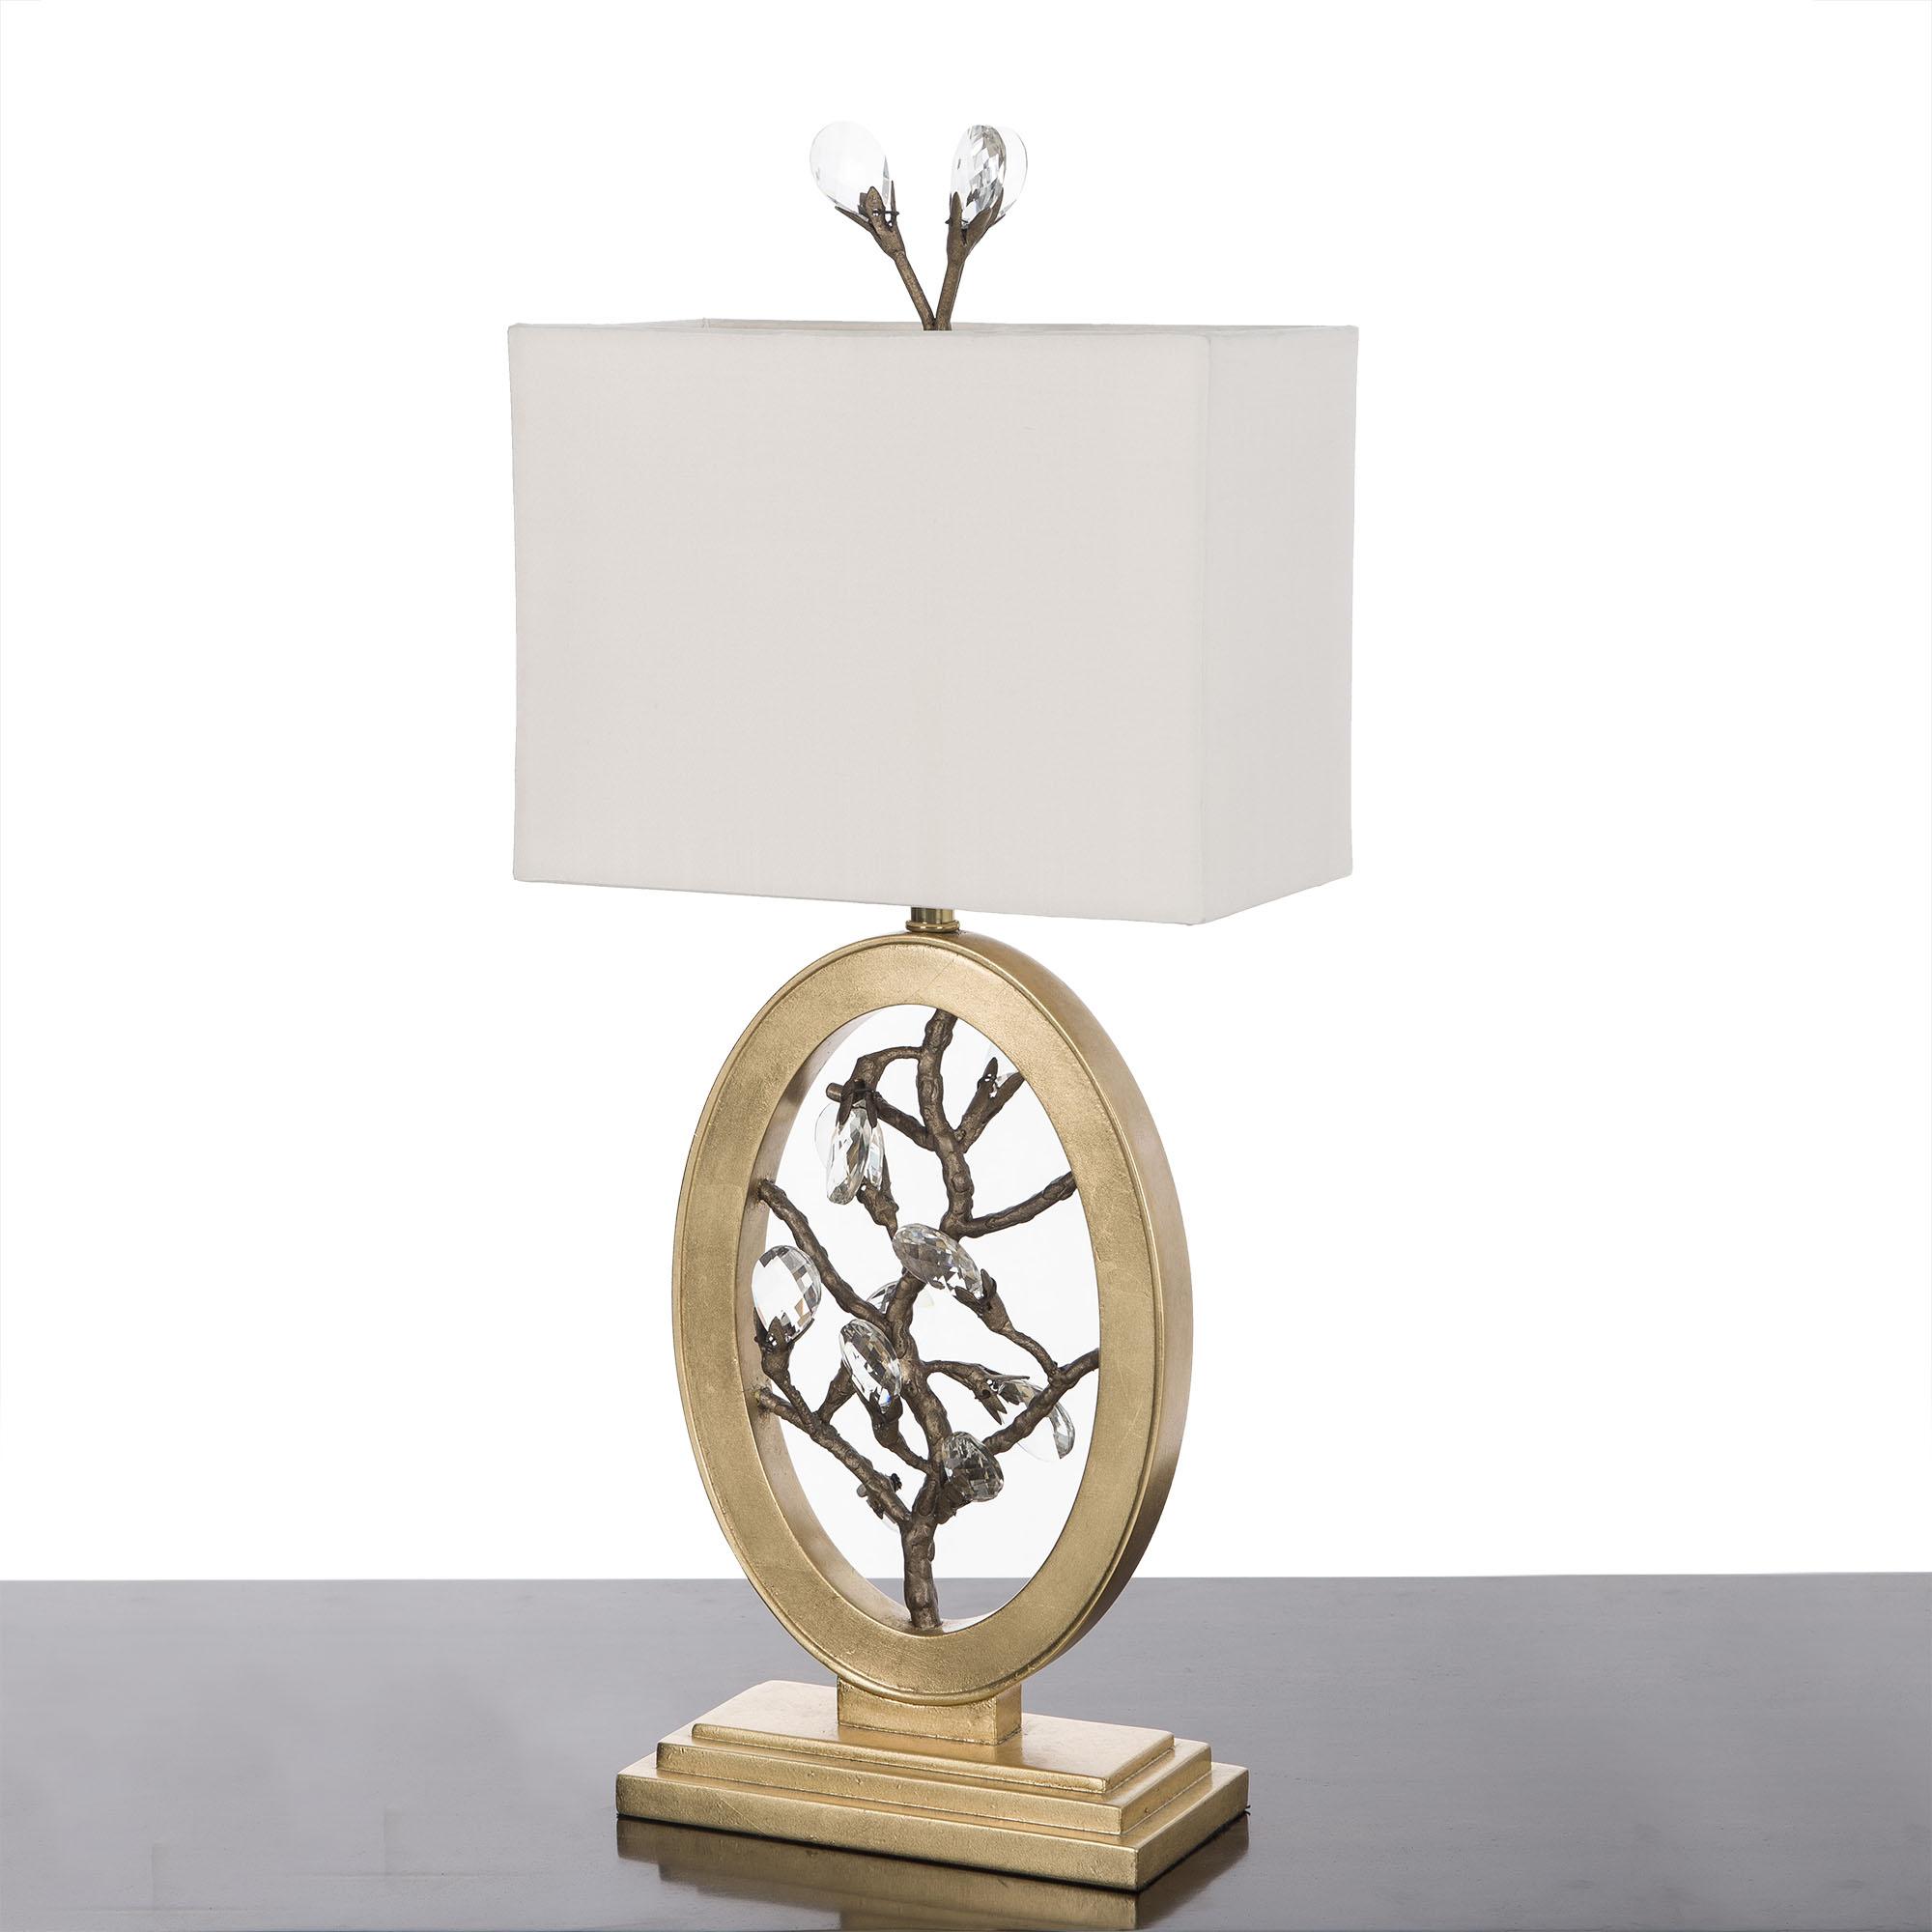 angle table lamp.jpg